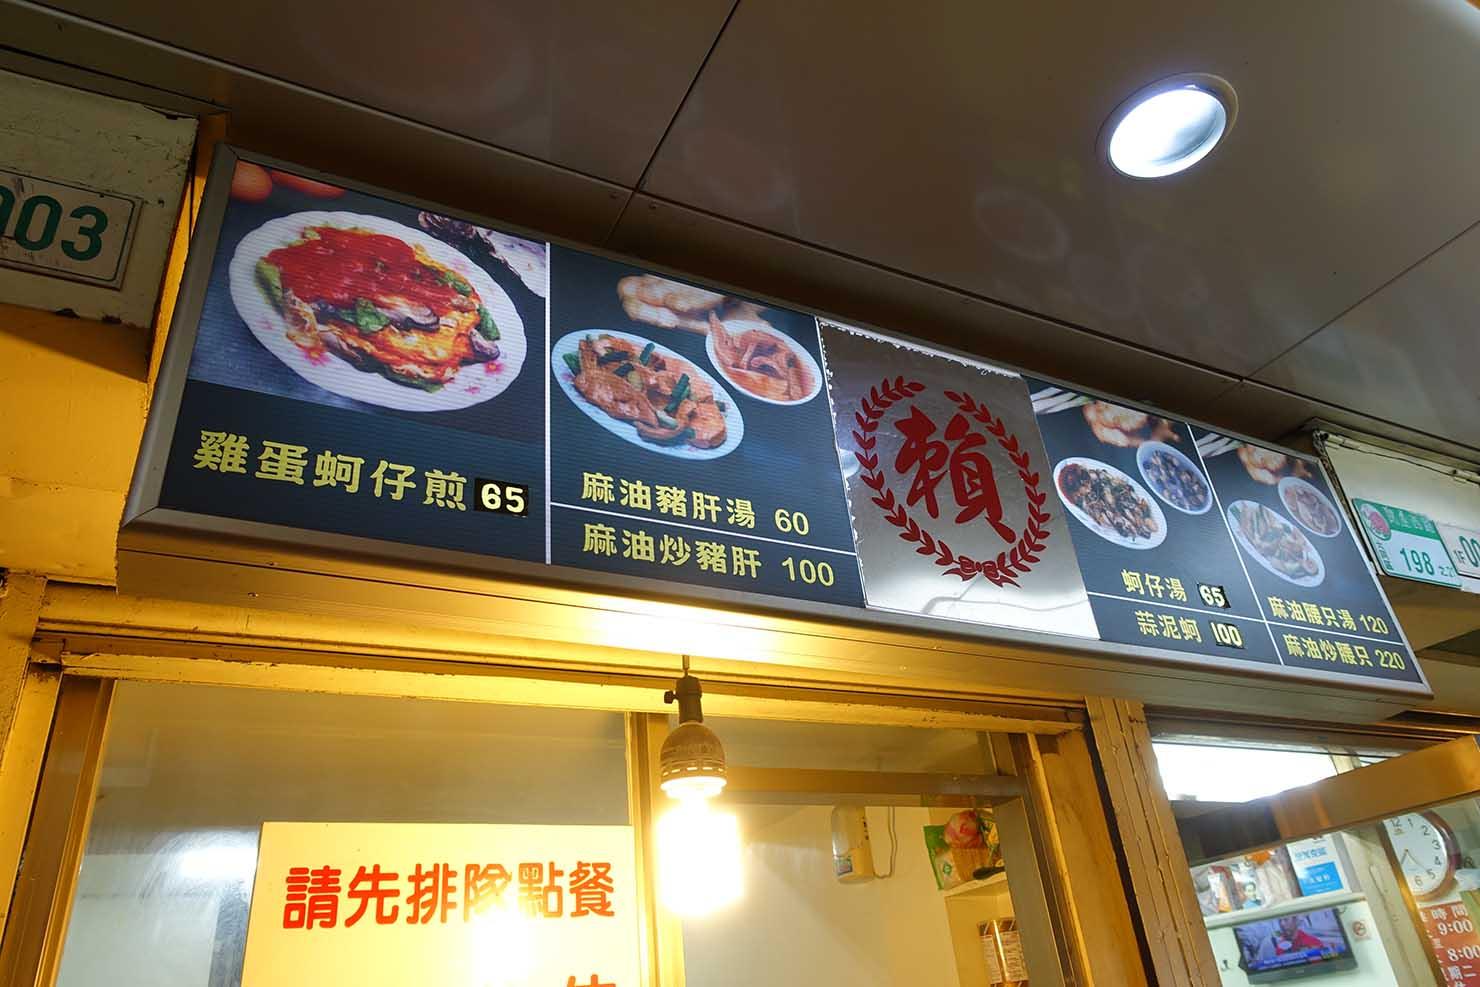 台北駅最寄りの人気夜市・寧夏夜市「賴雞蛋蚵仔煎」のメニュー